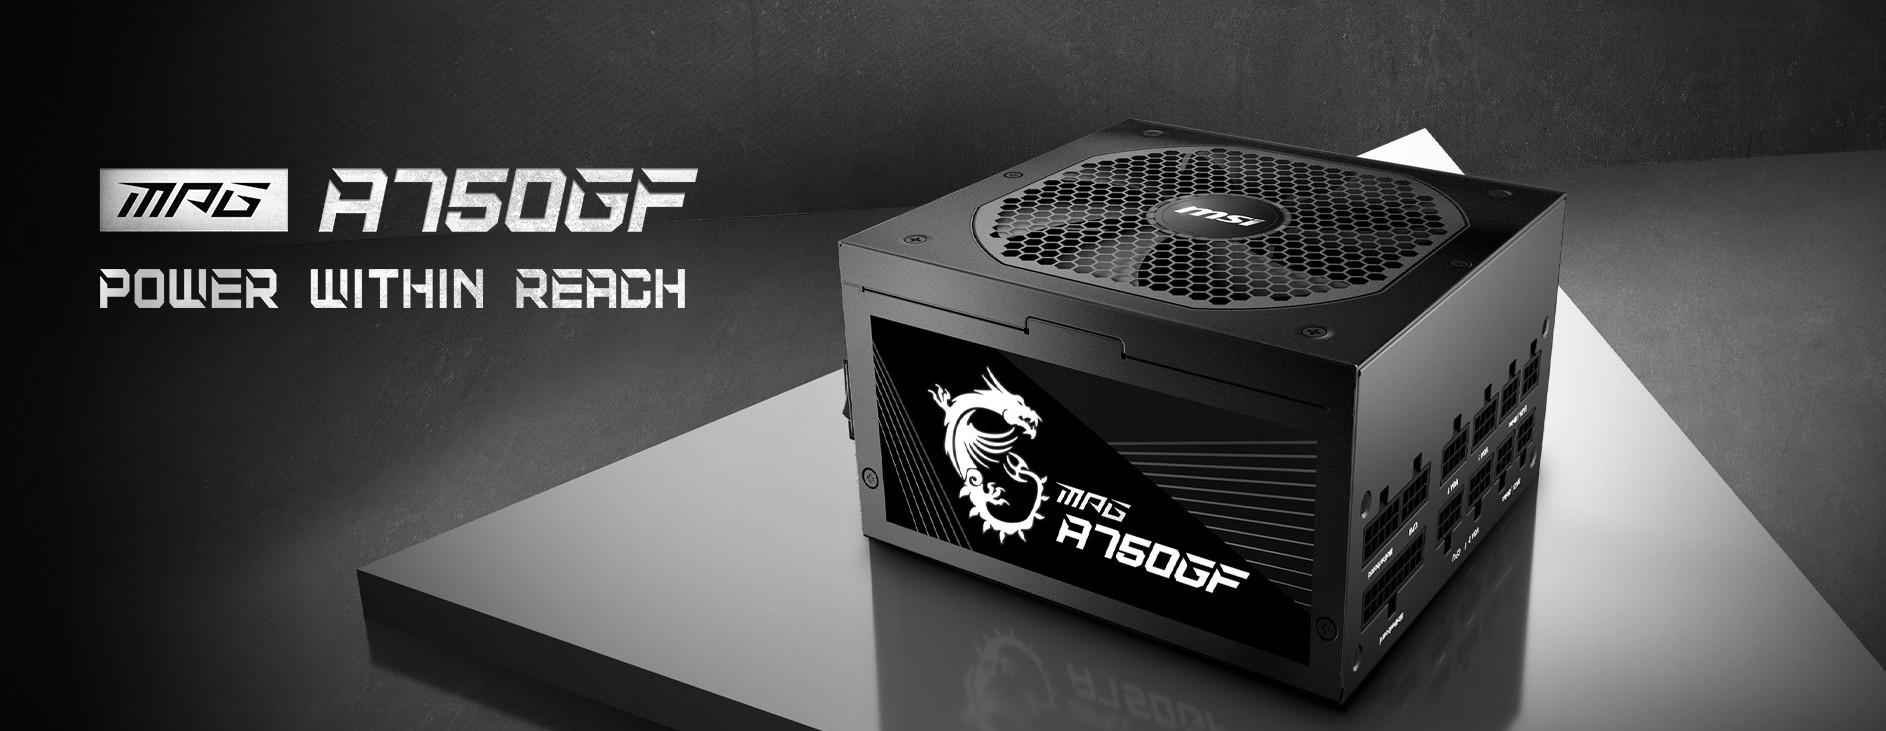 Nguồn máy tính MSI MPG A750GF 750W (80 Plus Gold/Full Modular/Màu Đen) giới thiệu